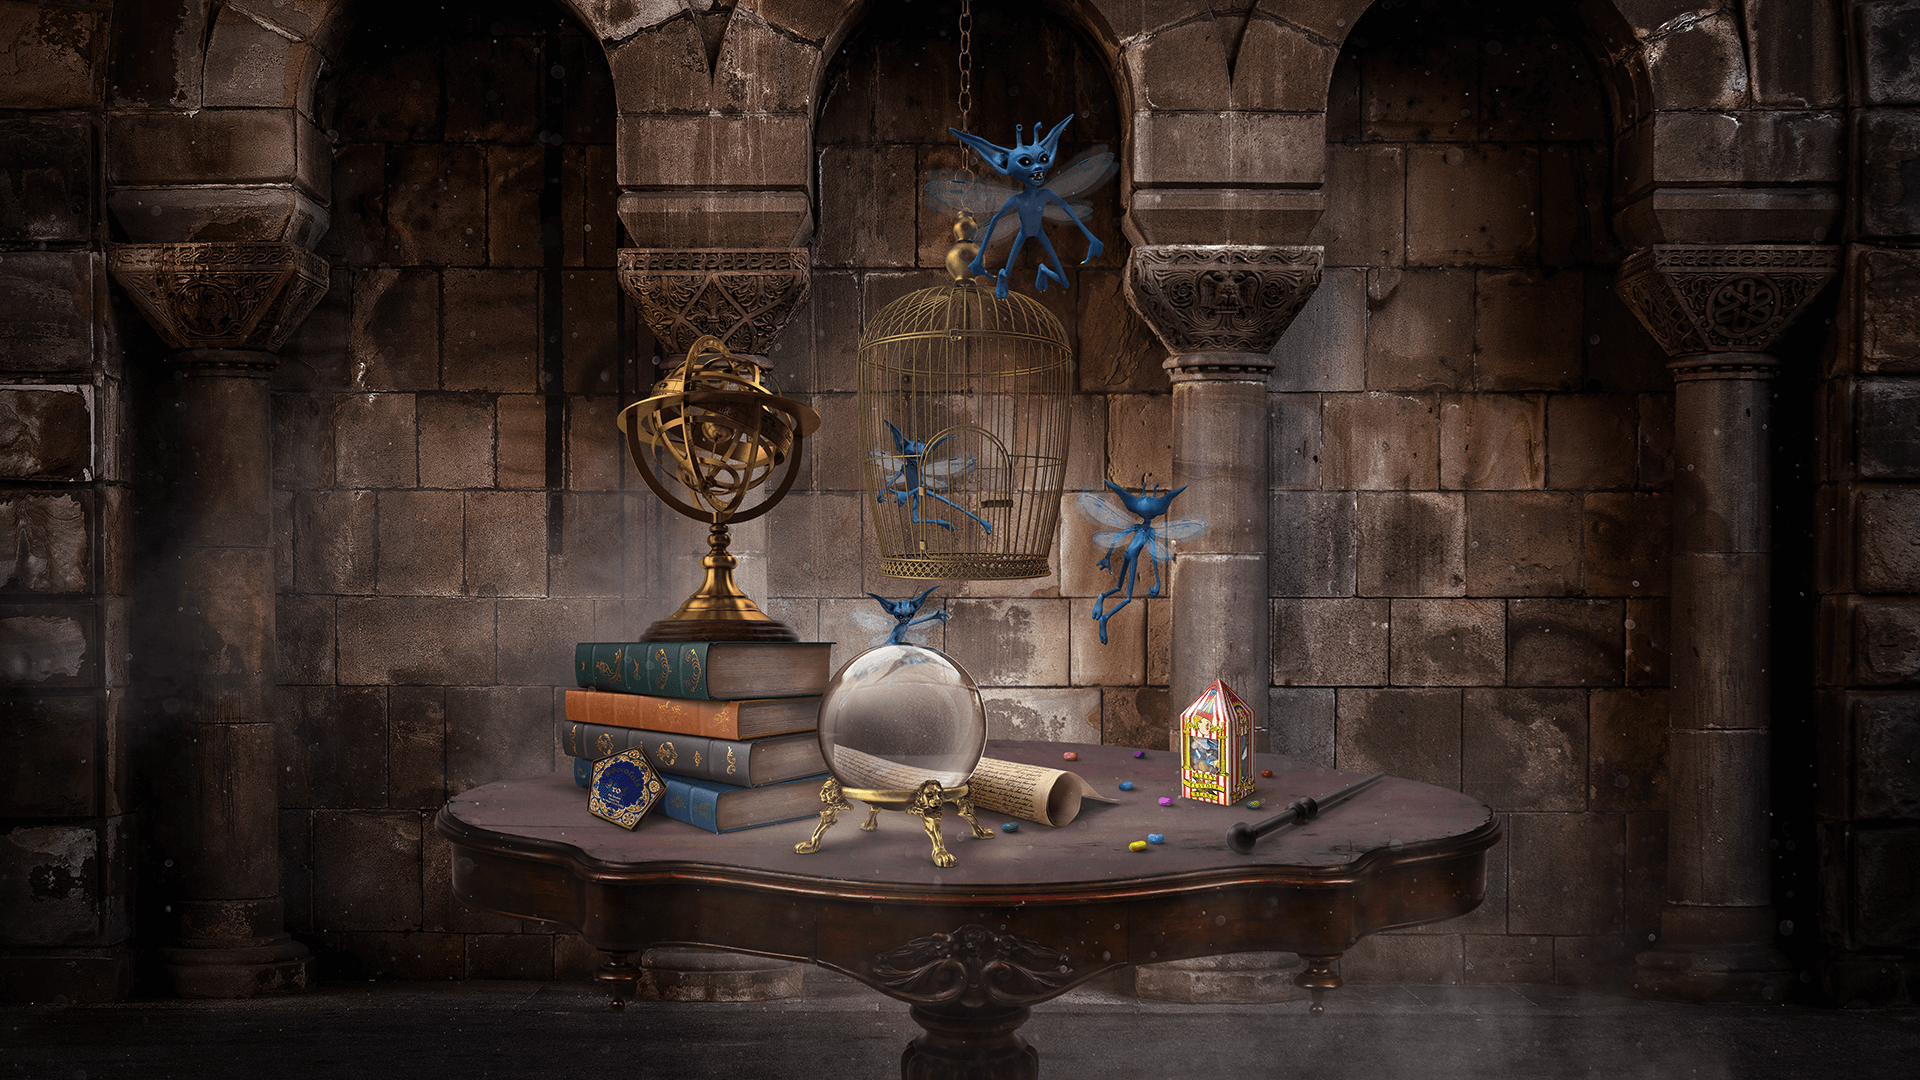 Numa sala com paredes antigas, uma mesa sustenta vários objetos: uma bola de cristal, uma varinha, uma caixa de feijõezinhos de todos os sabores, alguns livros, um instrumento de metal dourado, um pergaminho e uma caixa de sapo de chocolate. Presa no teto, há uma gaiola aberta e, saídos dela, alguns diabretes da cornualha.